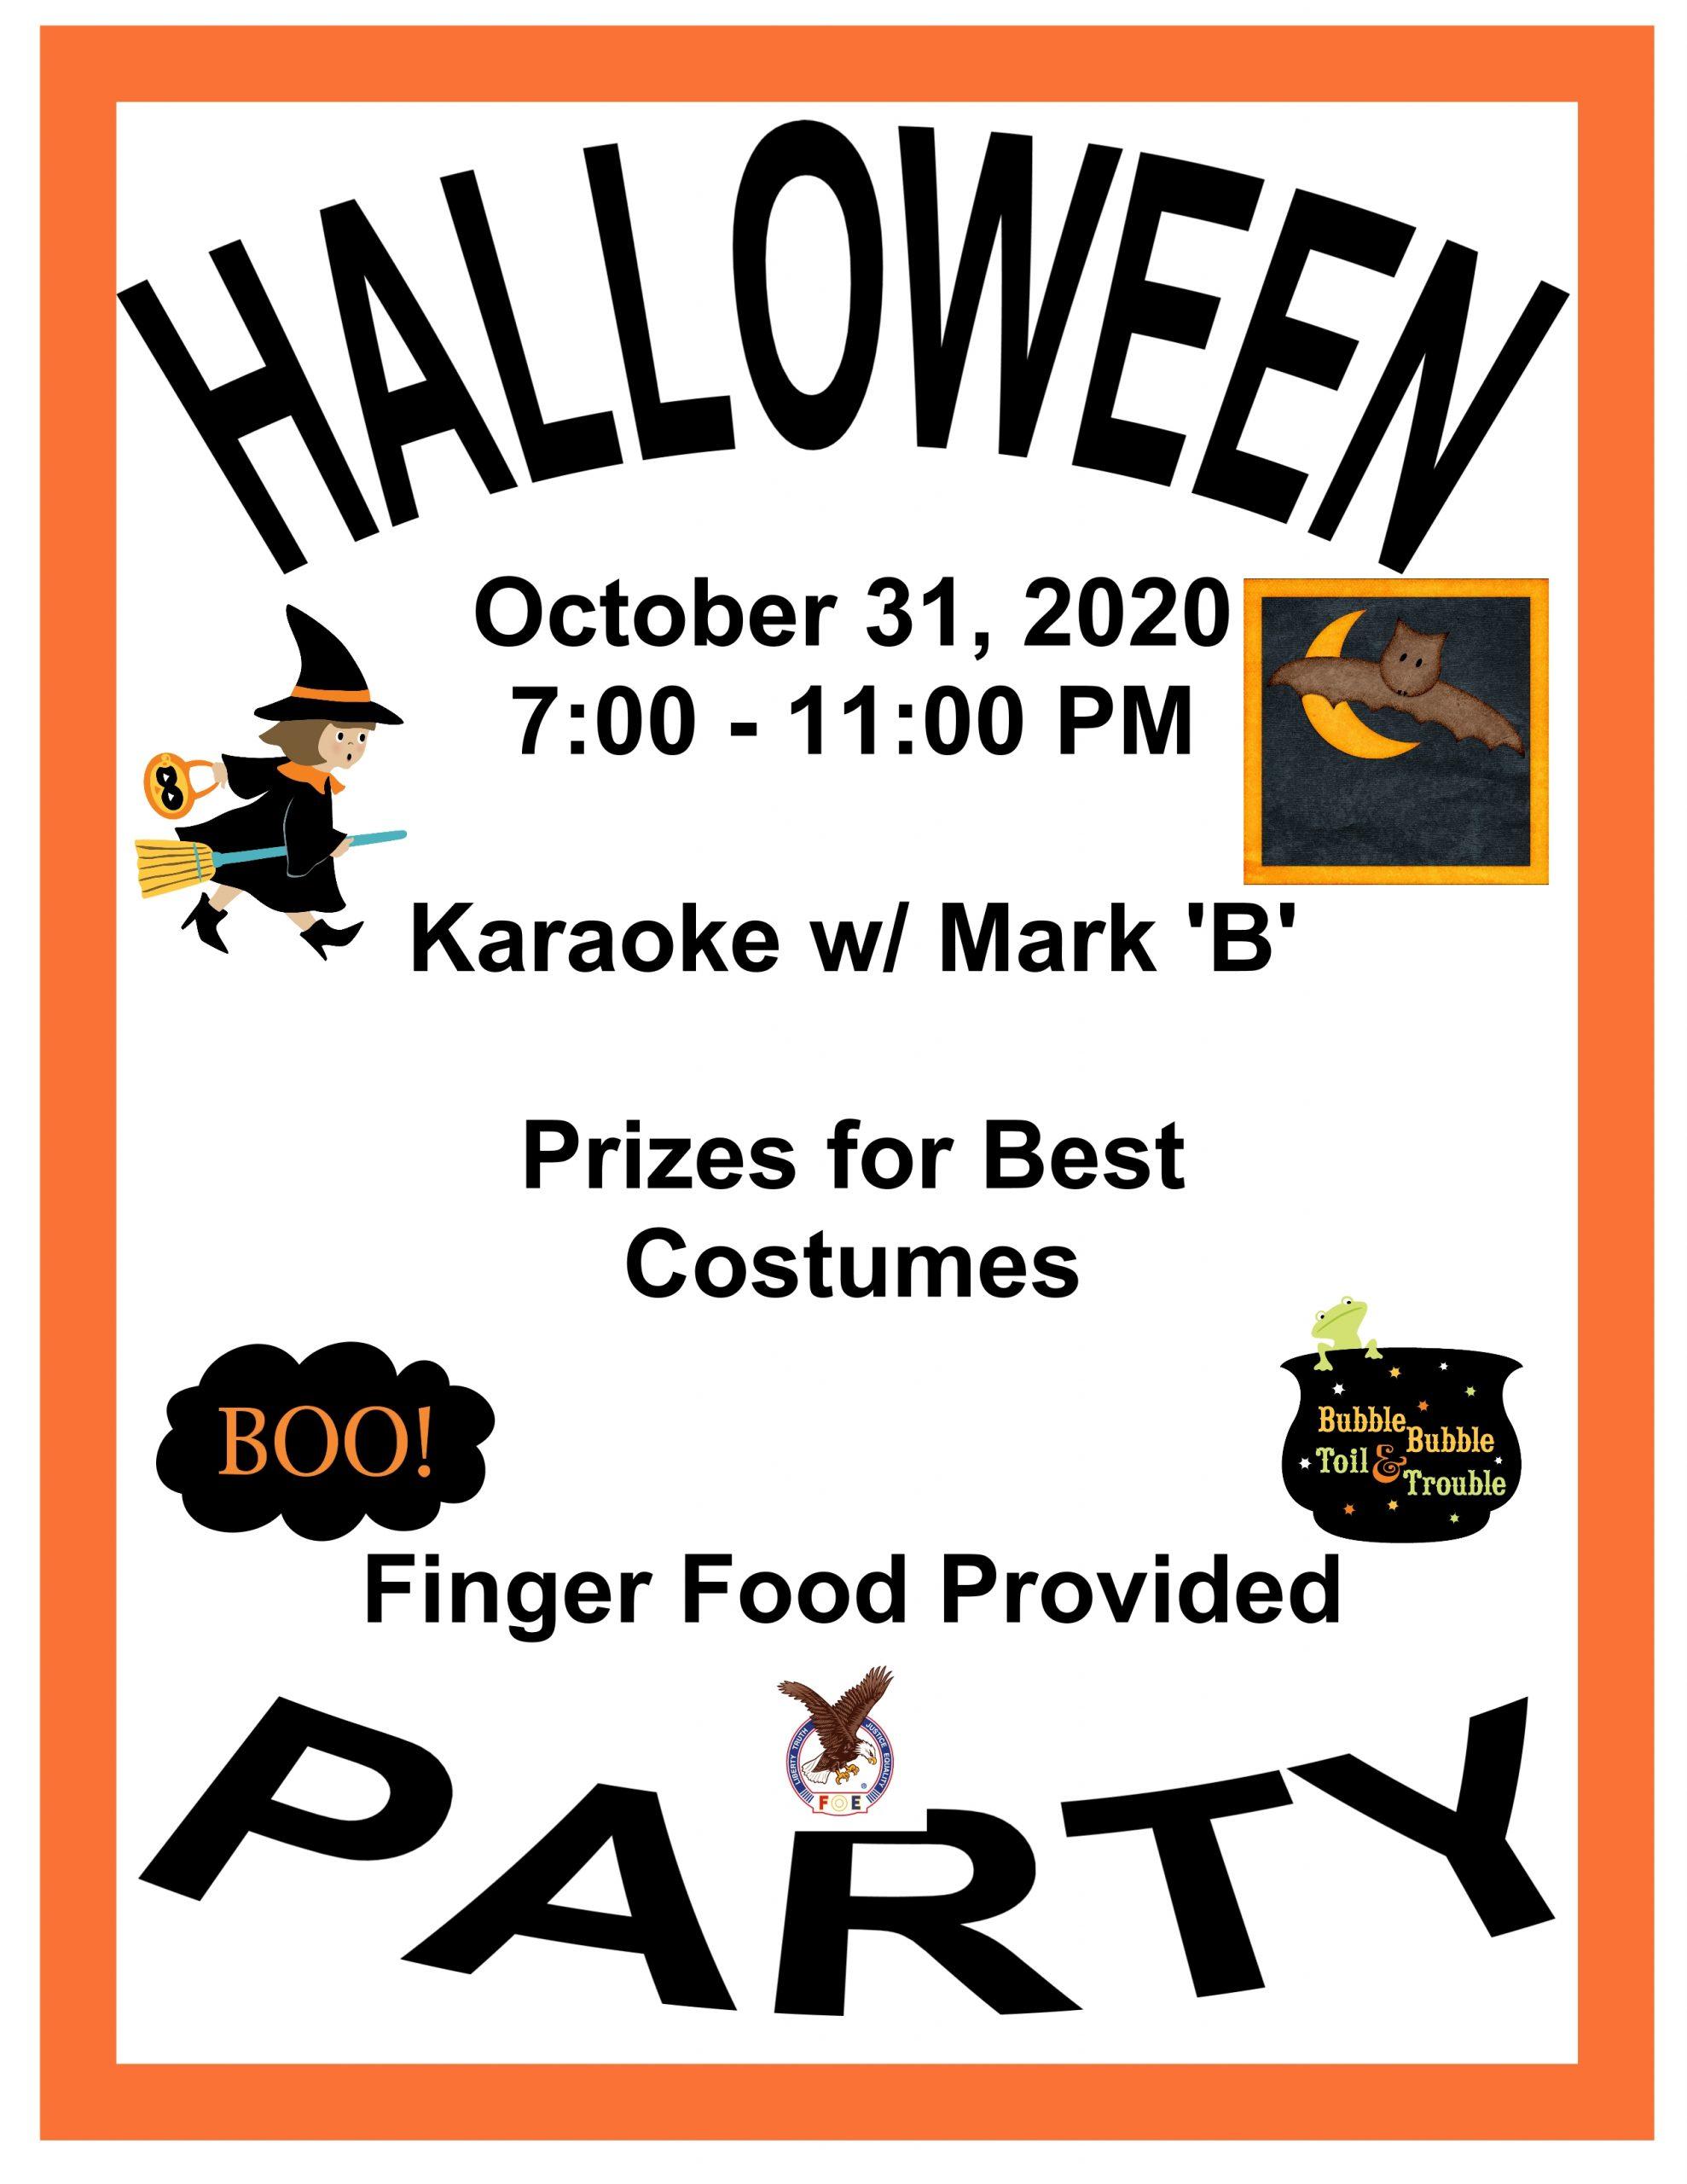 Weeki Wachee Halloween 2020 Halloween Party Poster 001 | Weeki Wachee Eagles